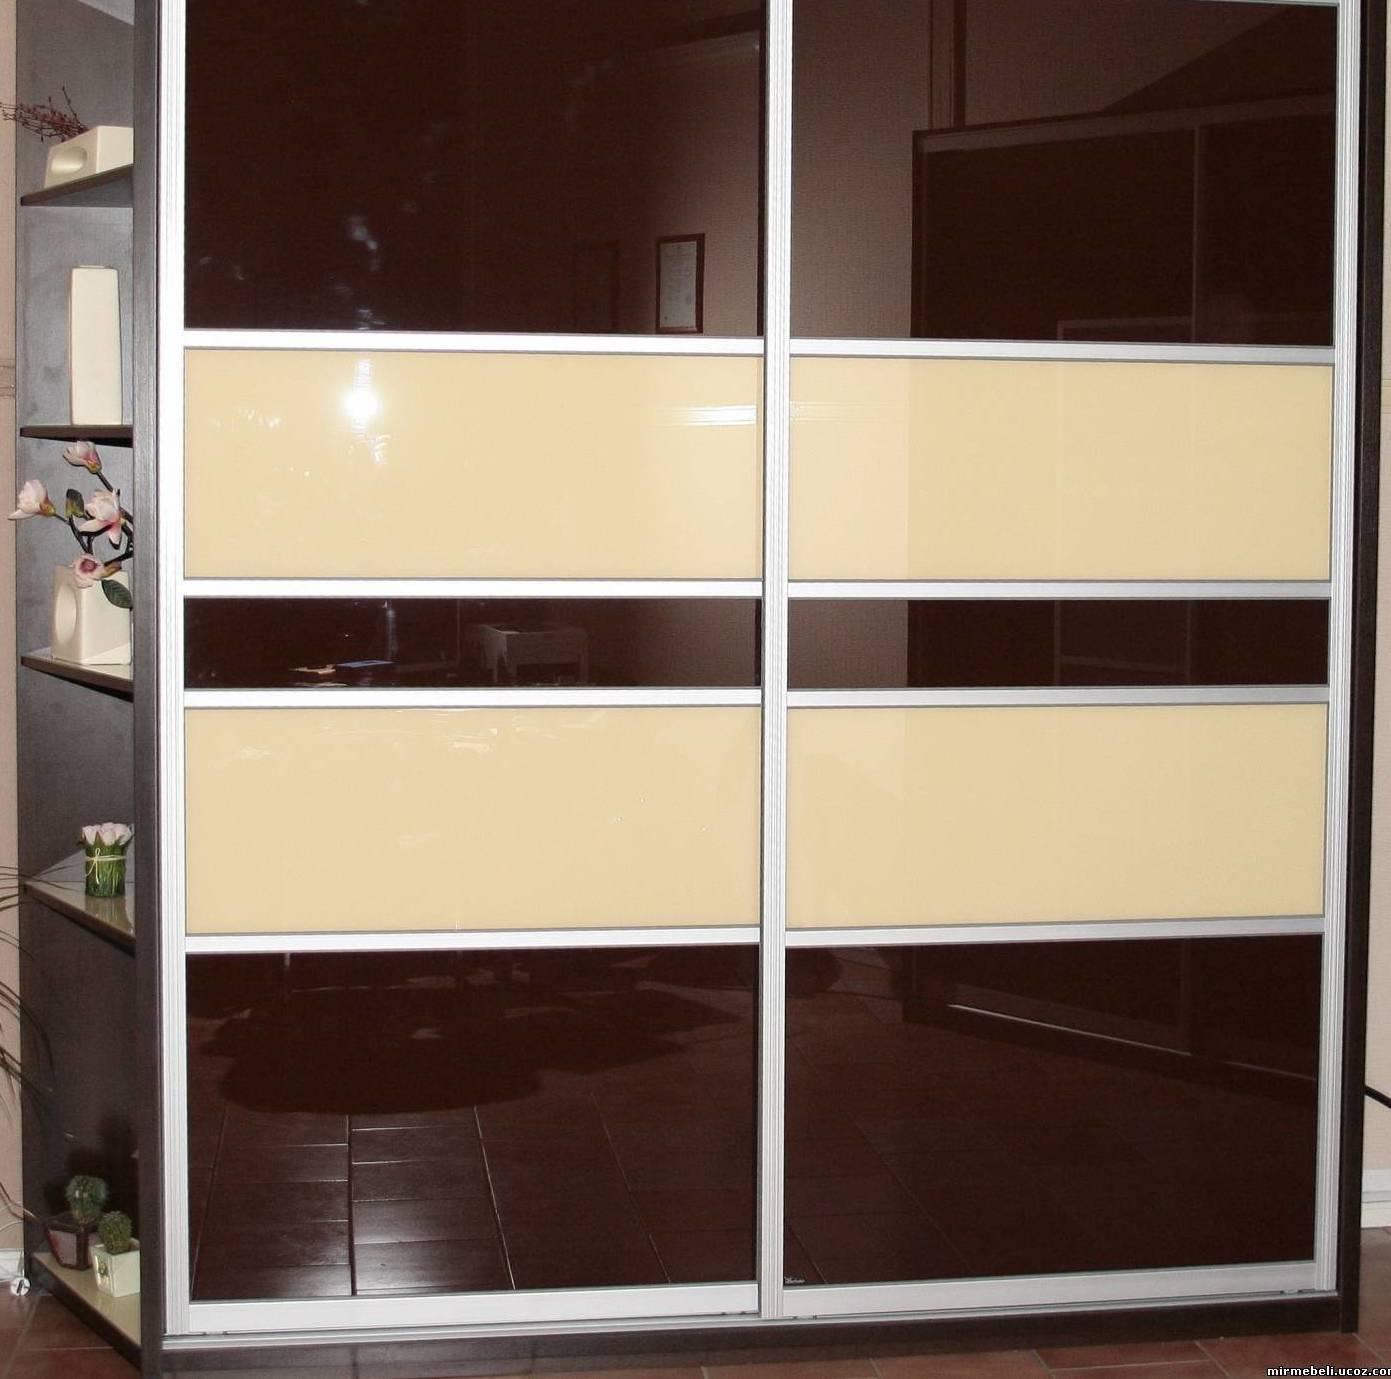 Крашенное стекло (lacobel, бельгия)